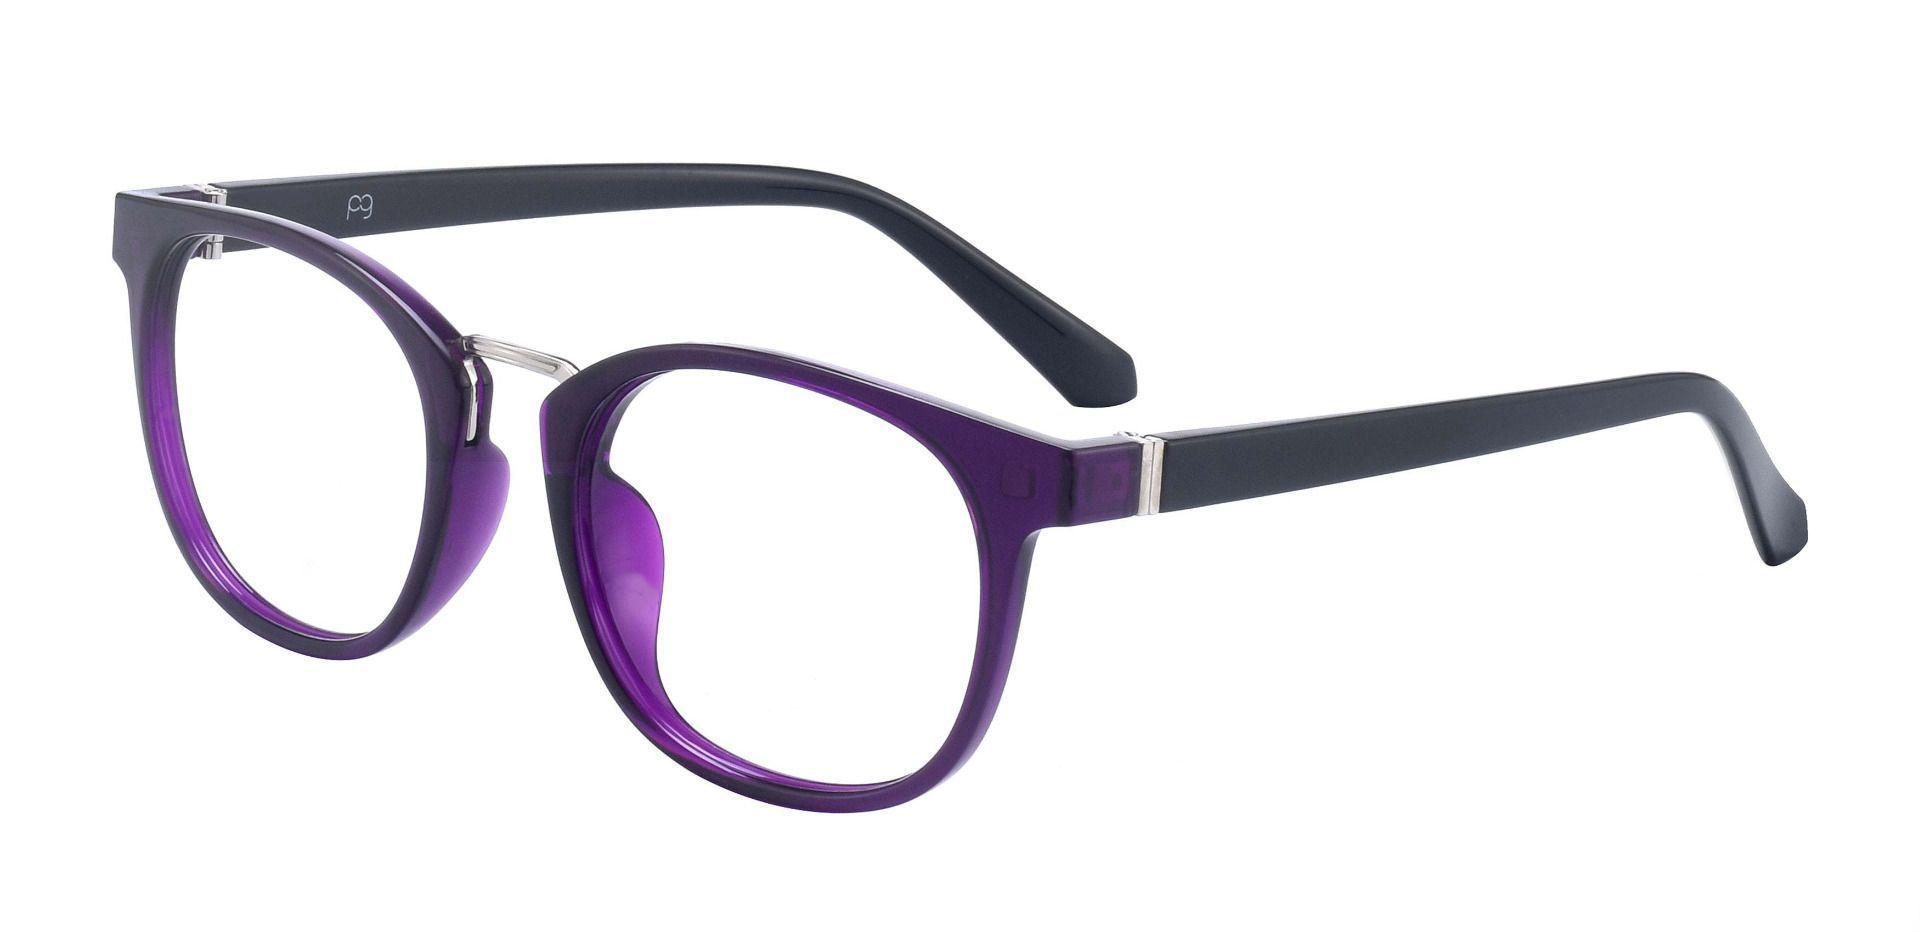 Amani Oval Prescription Glasses - Purple